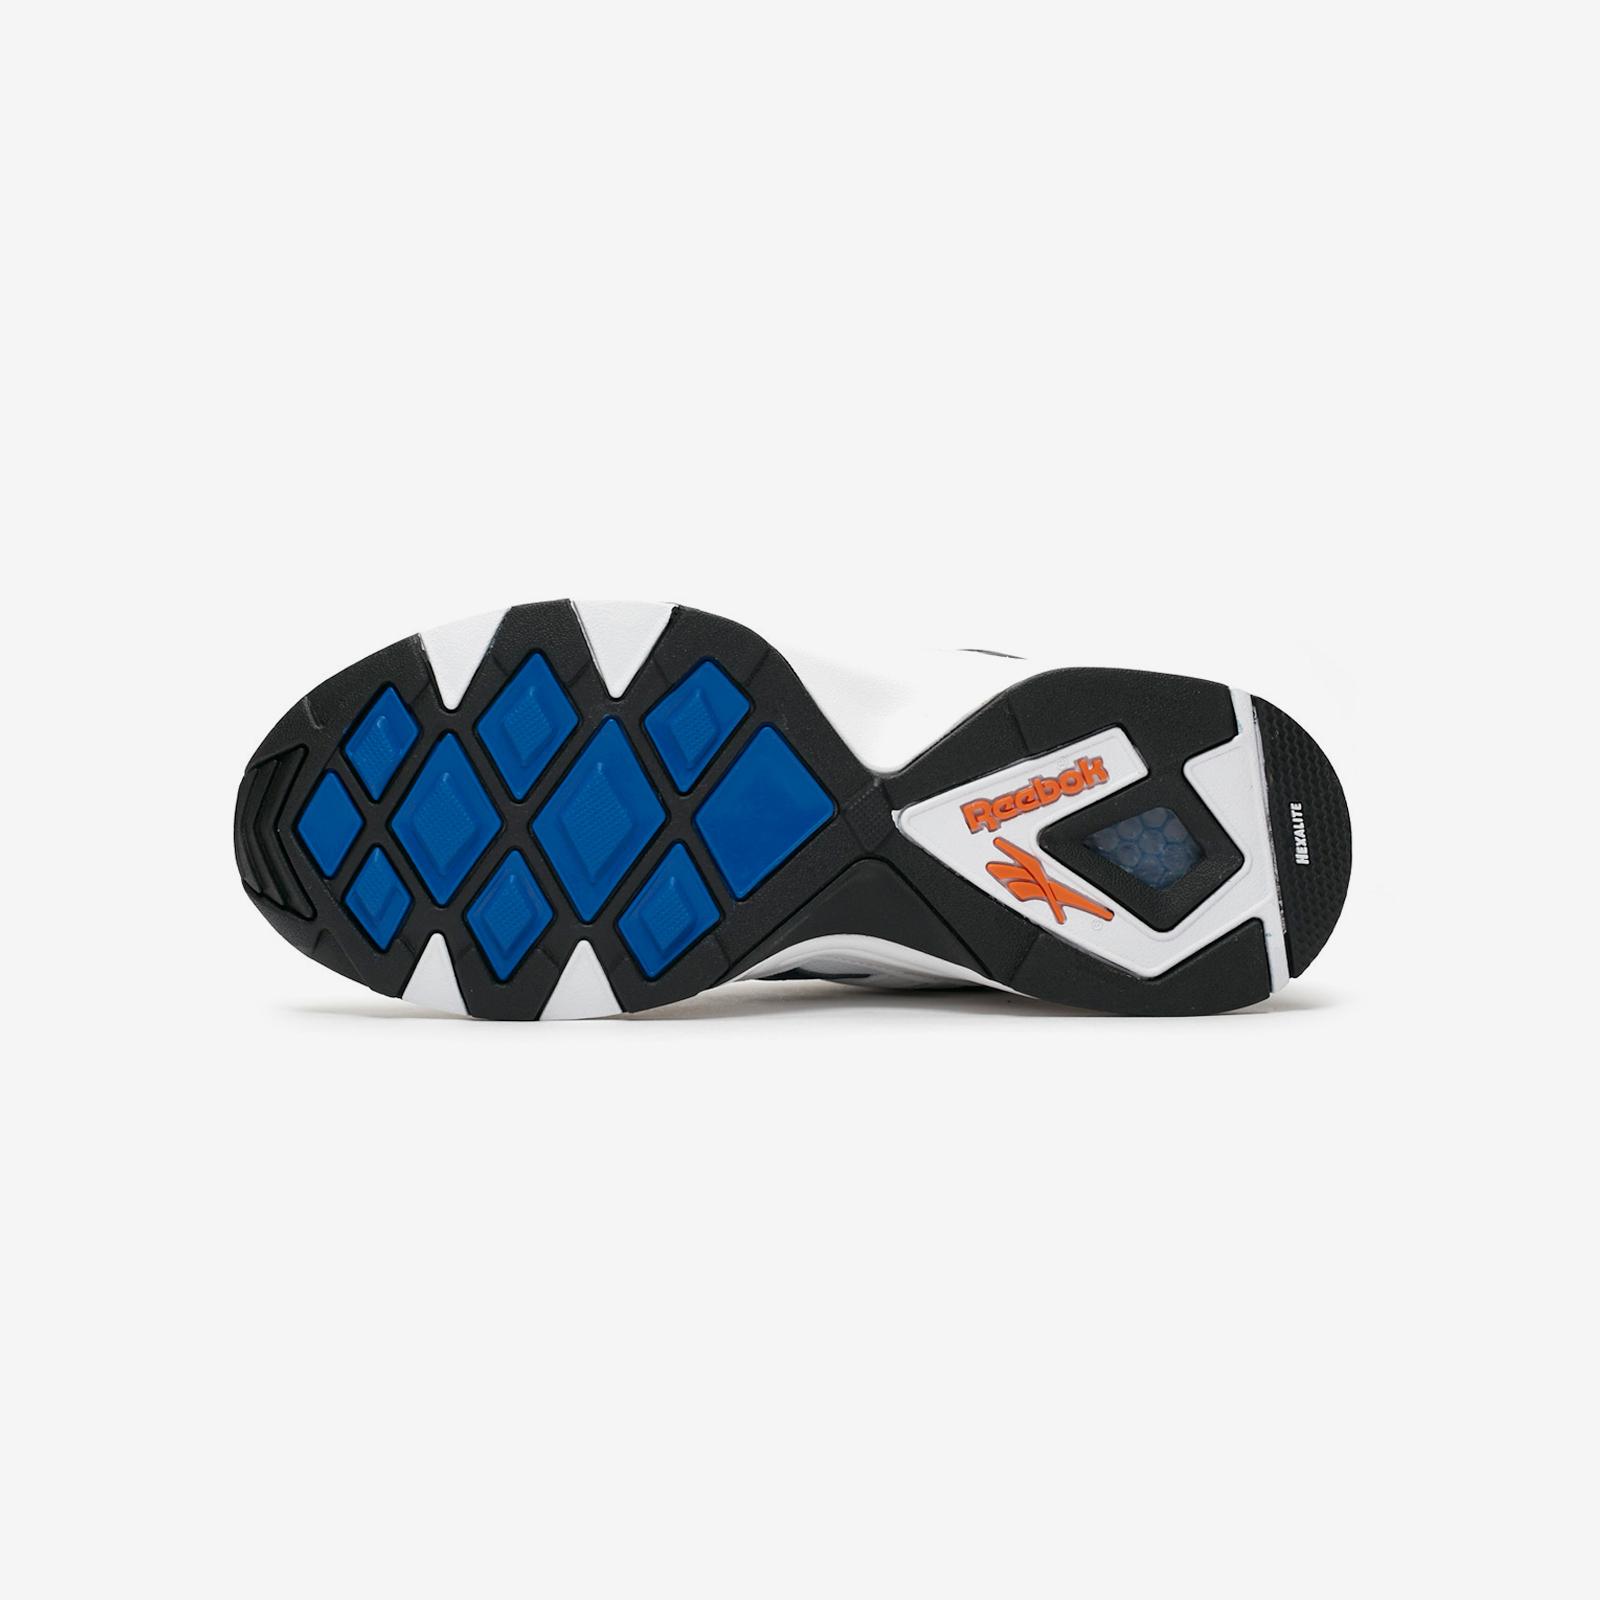 58689e63e82 Reebok Aztrek 96 - Dv6756 - Sneakersnstuff   sneakers & streetwear ...